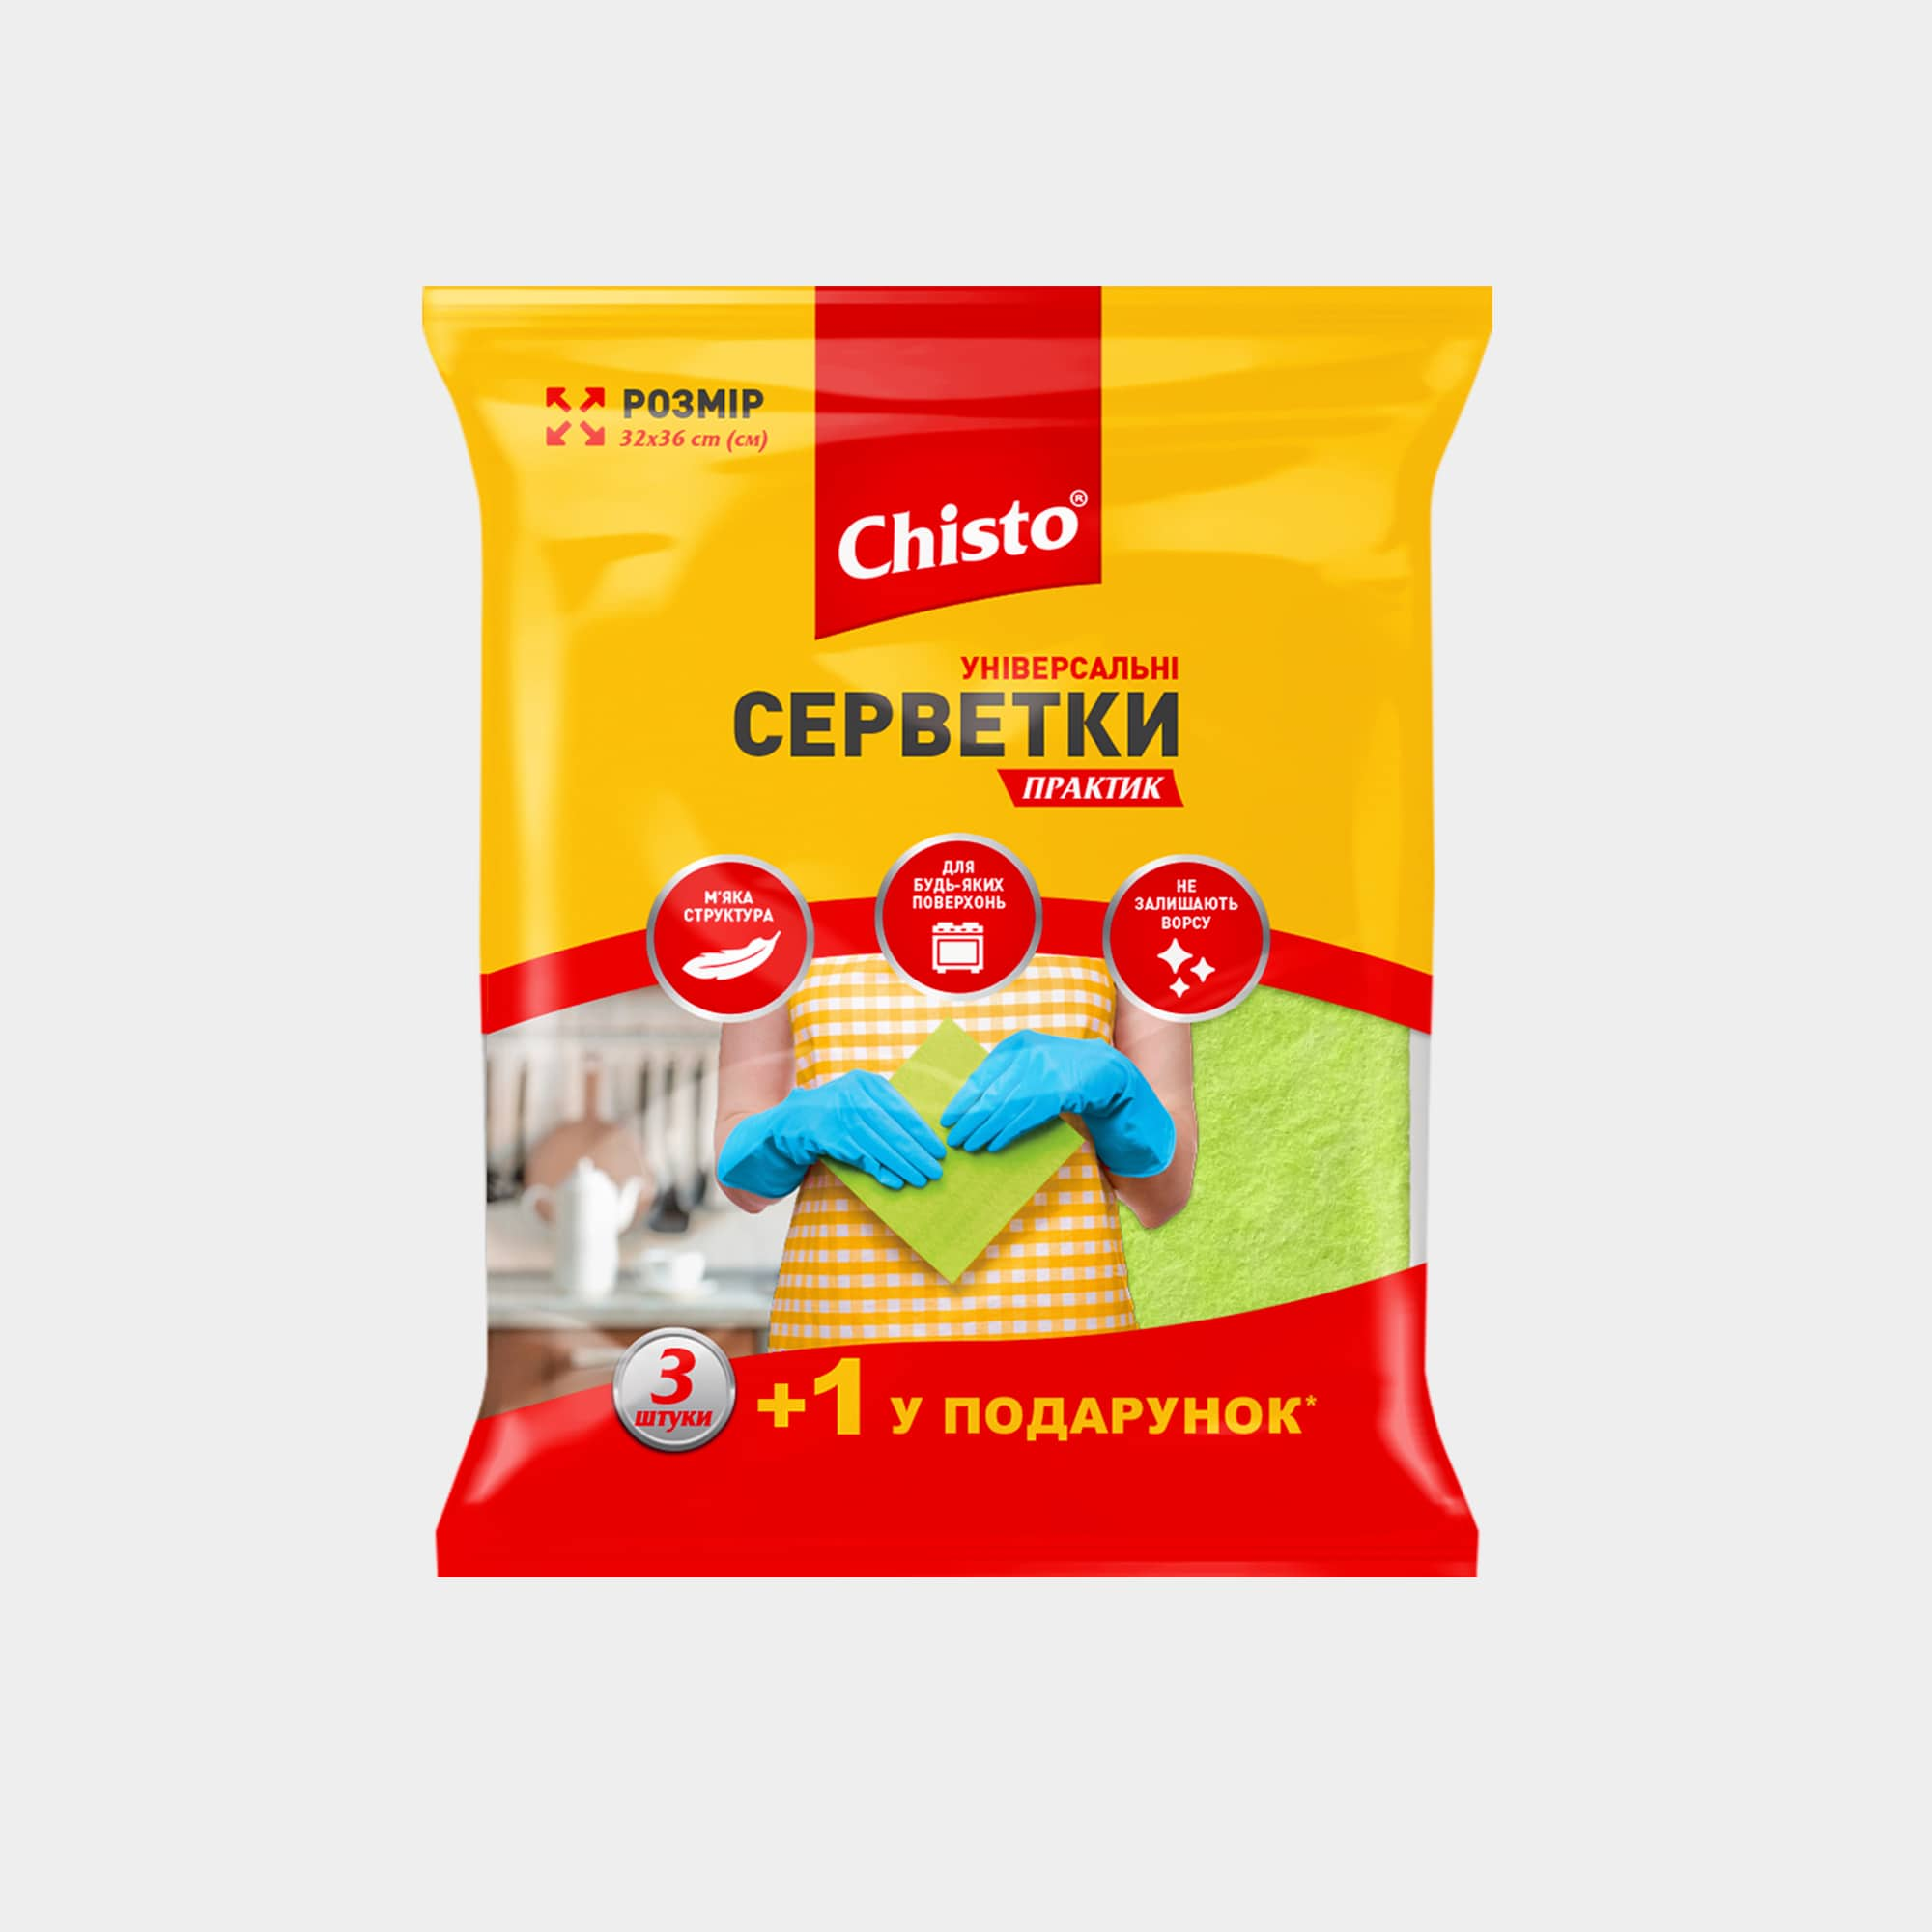 Салфетки универсальные Практик ТМ «Chisto», 3+1 шт. | Продукция ТМ Chisto